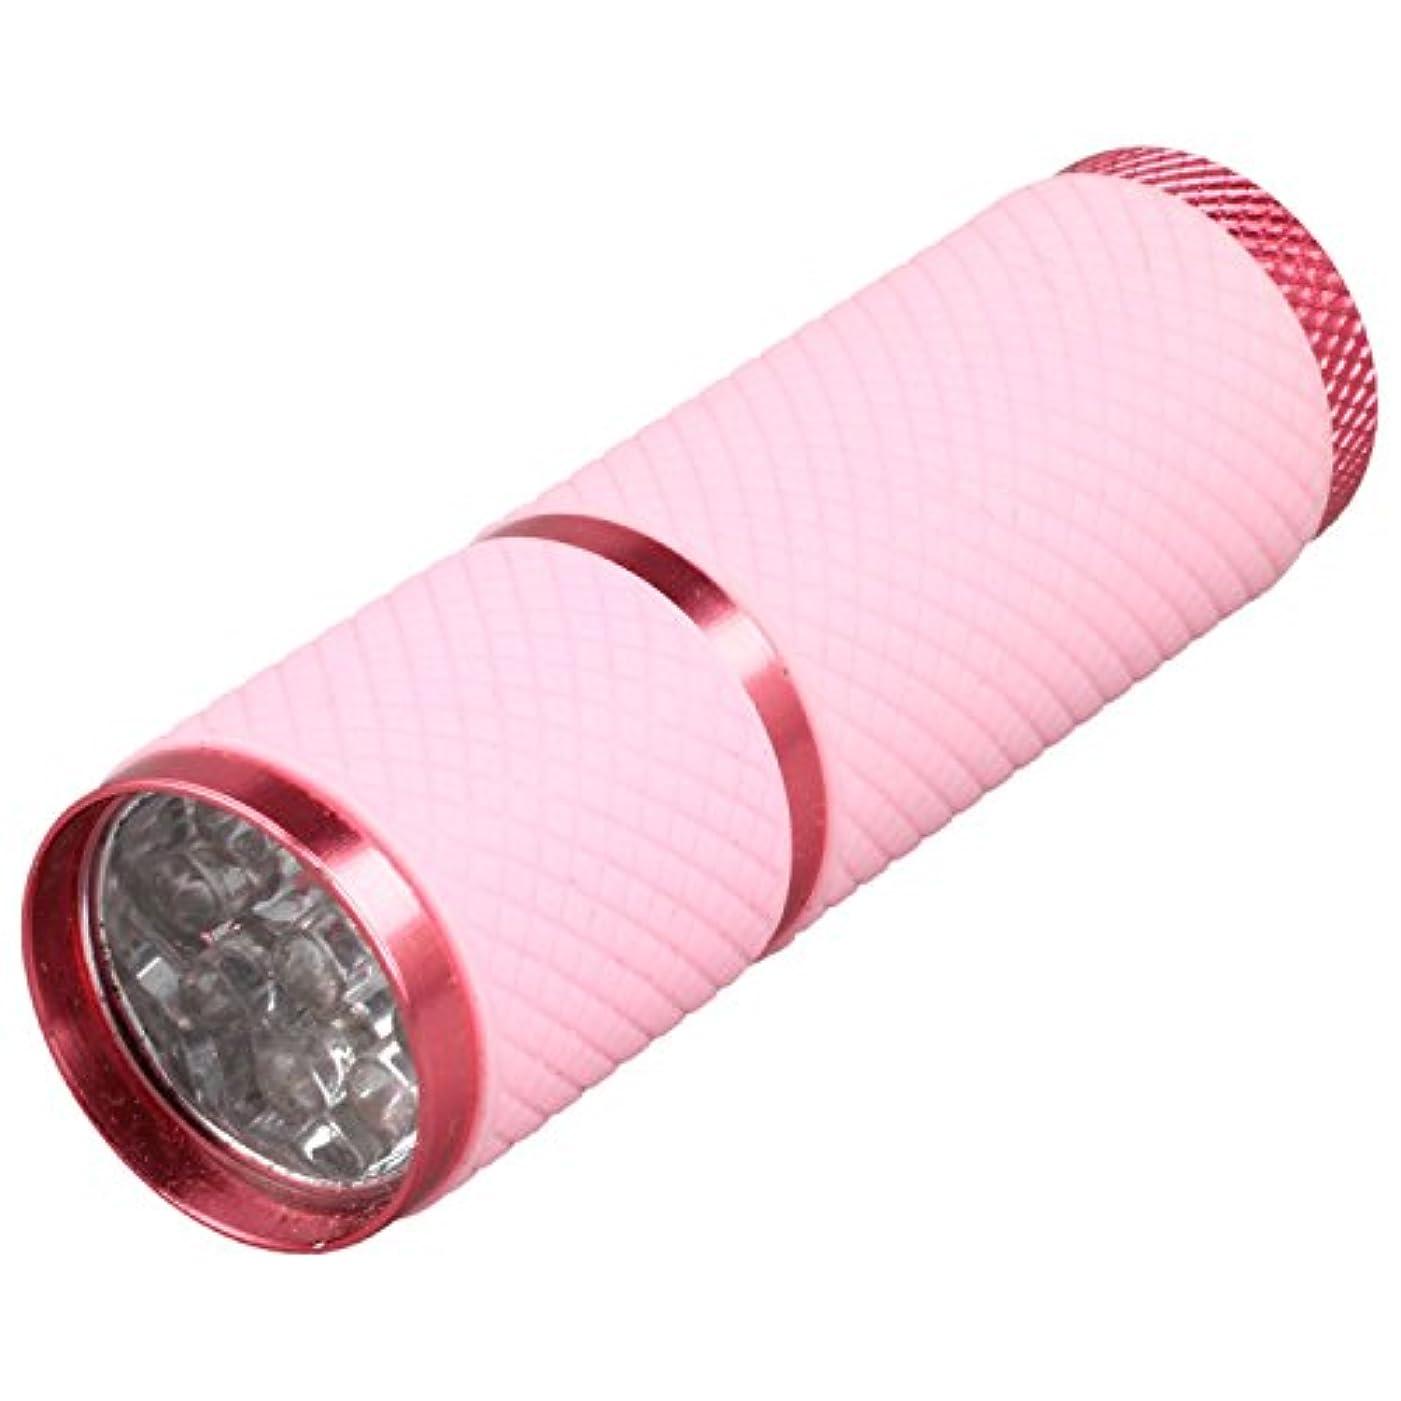 チョップ魅惑的なホバーCikuso 1個 ミニ9 LED Uv ゲル硬化ランプ バッテリーなし 携帯性ネイルドライヤー LEDフラッシュライト通貨検出器 アルミニウム合金 ピンクカラー